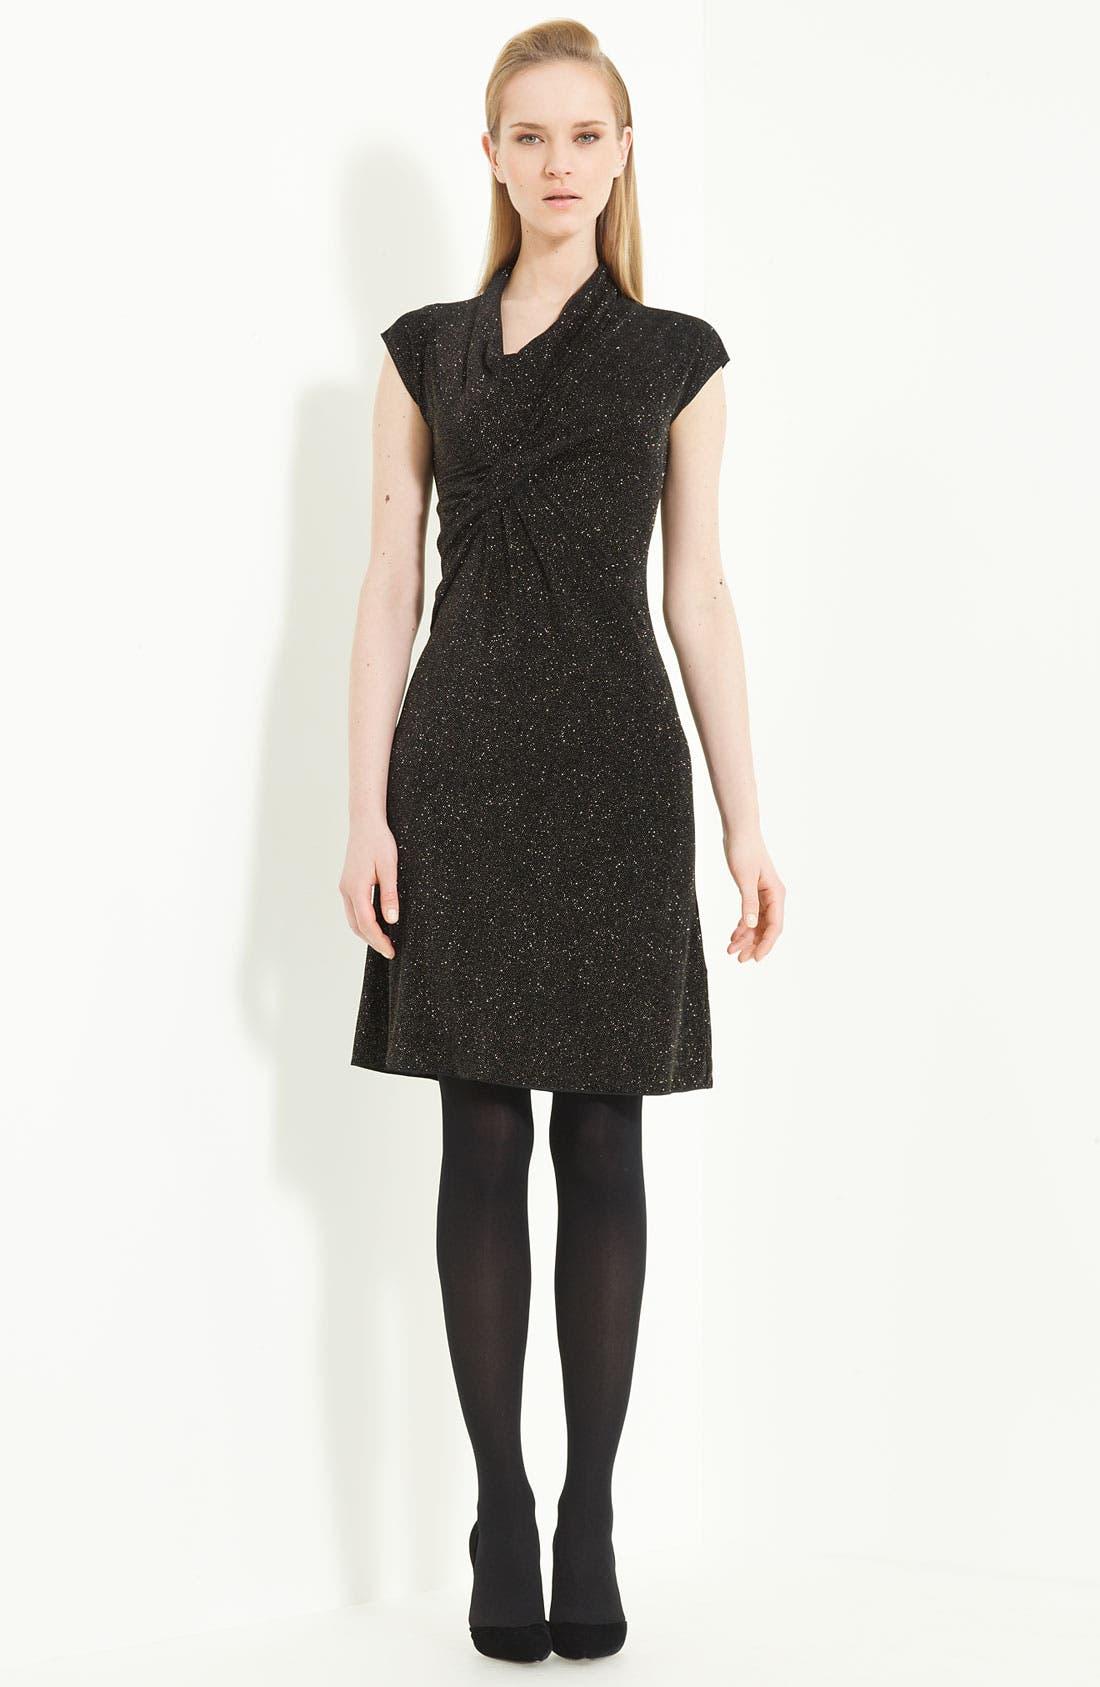 Main Image - Armani Collezioni 'Glitter Gold' Jersey Dress